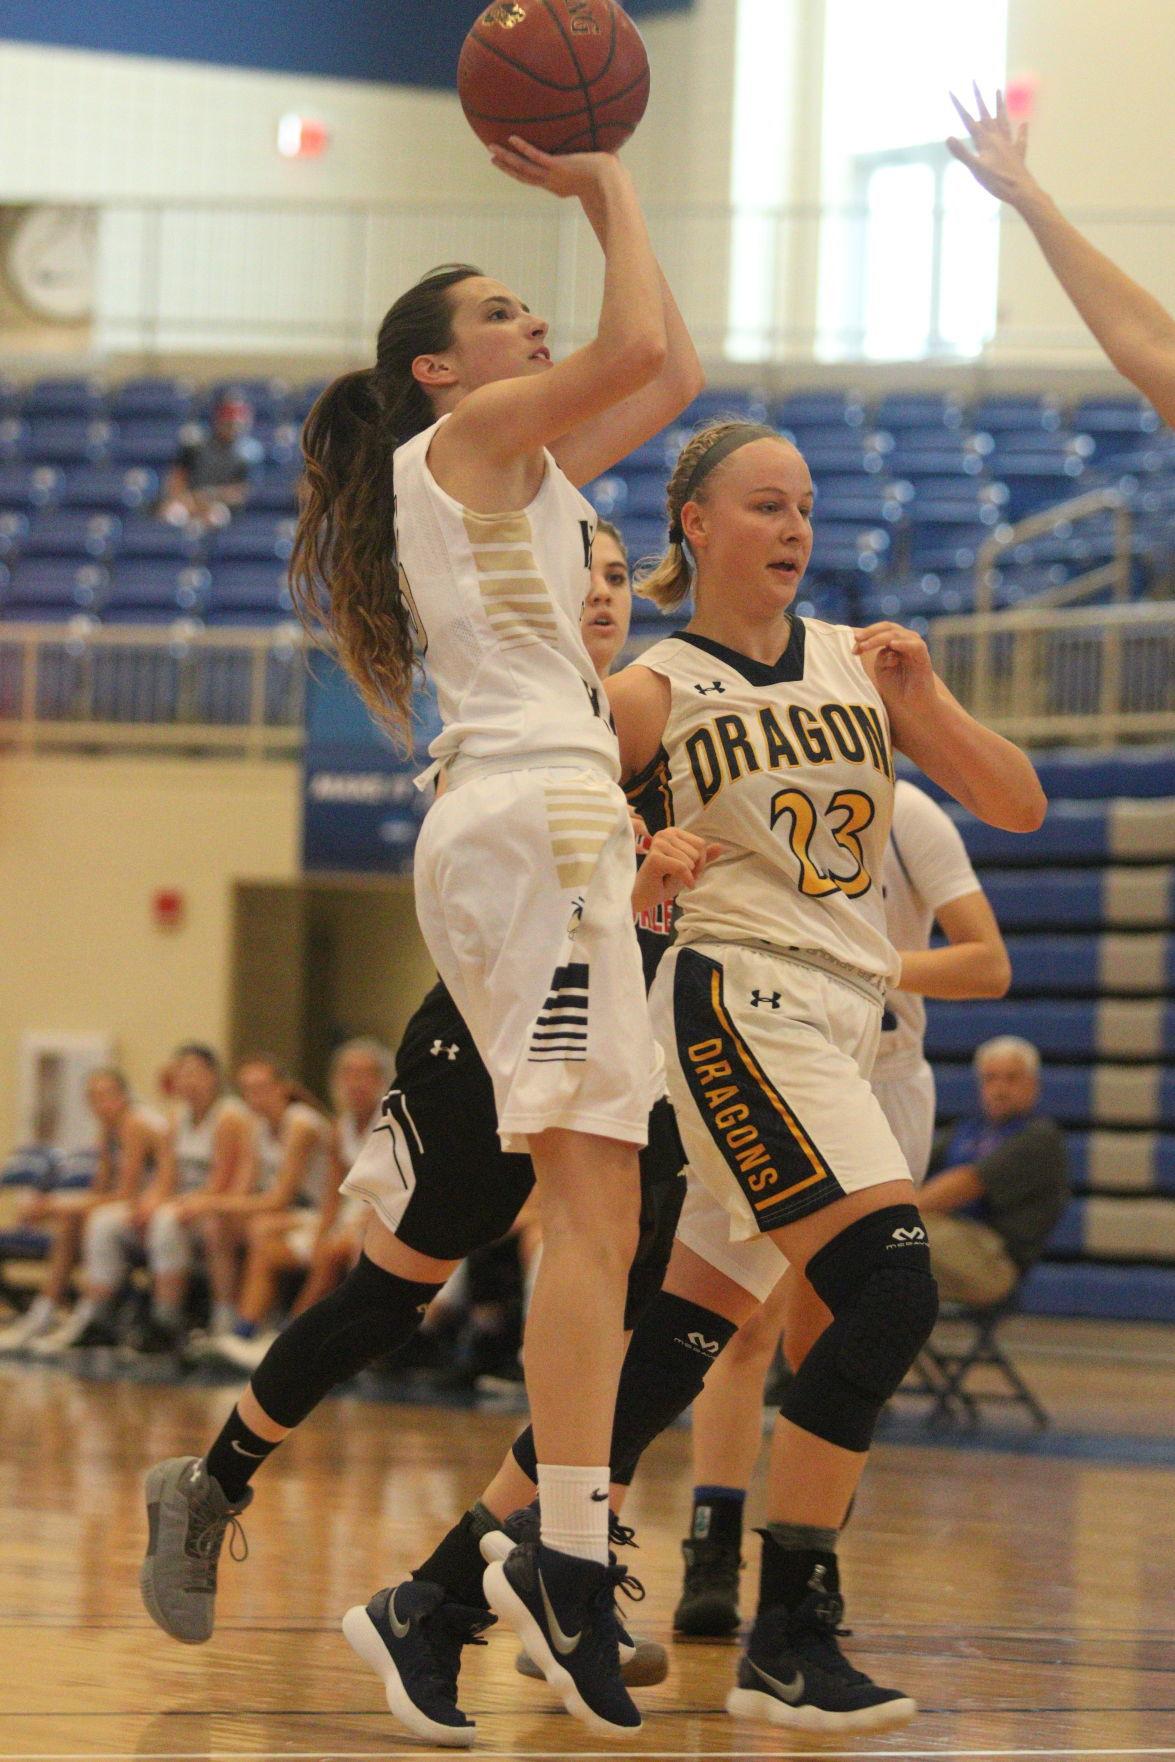 Lindsey makes her shot